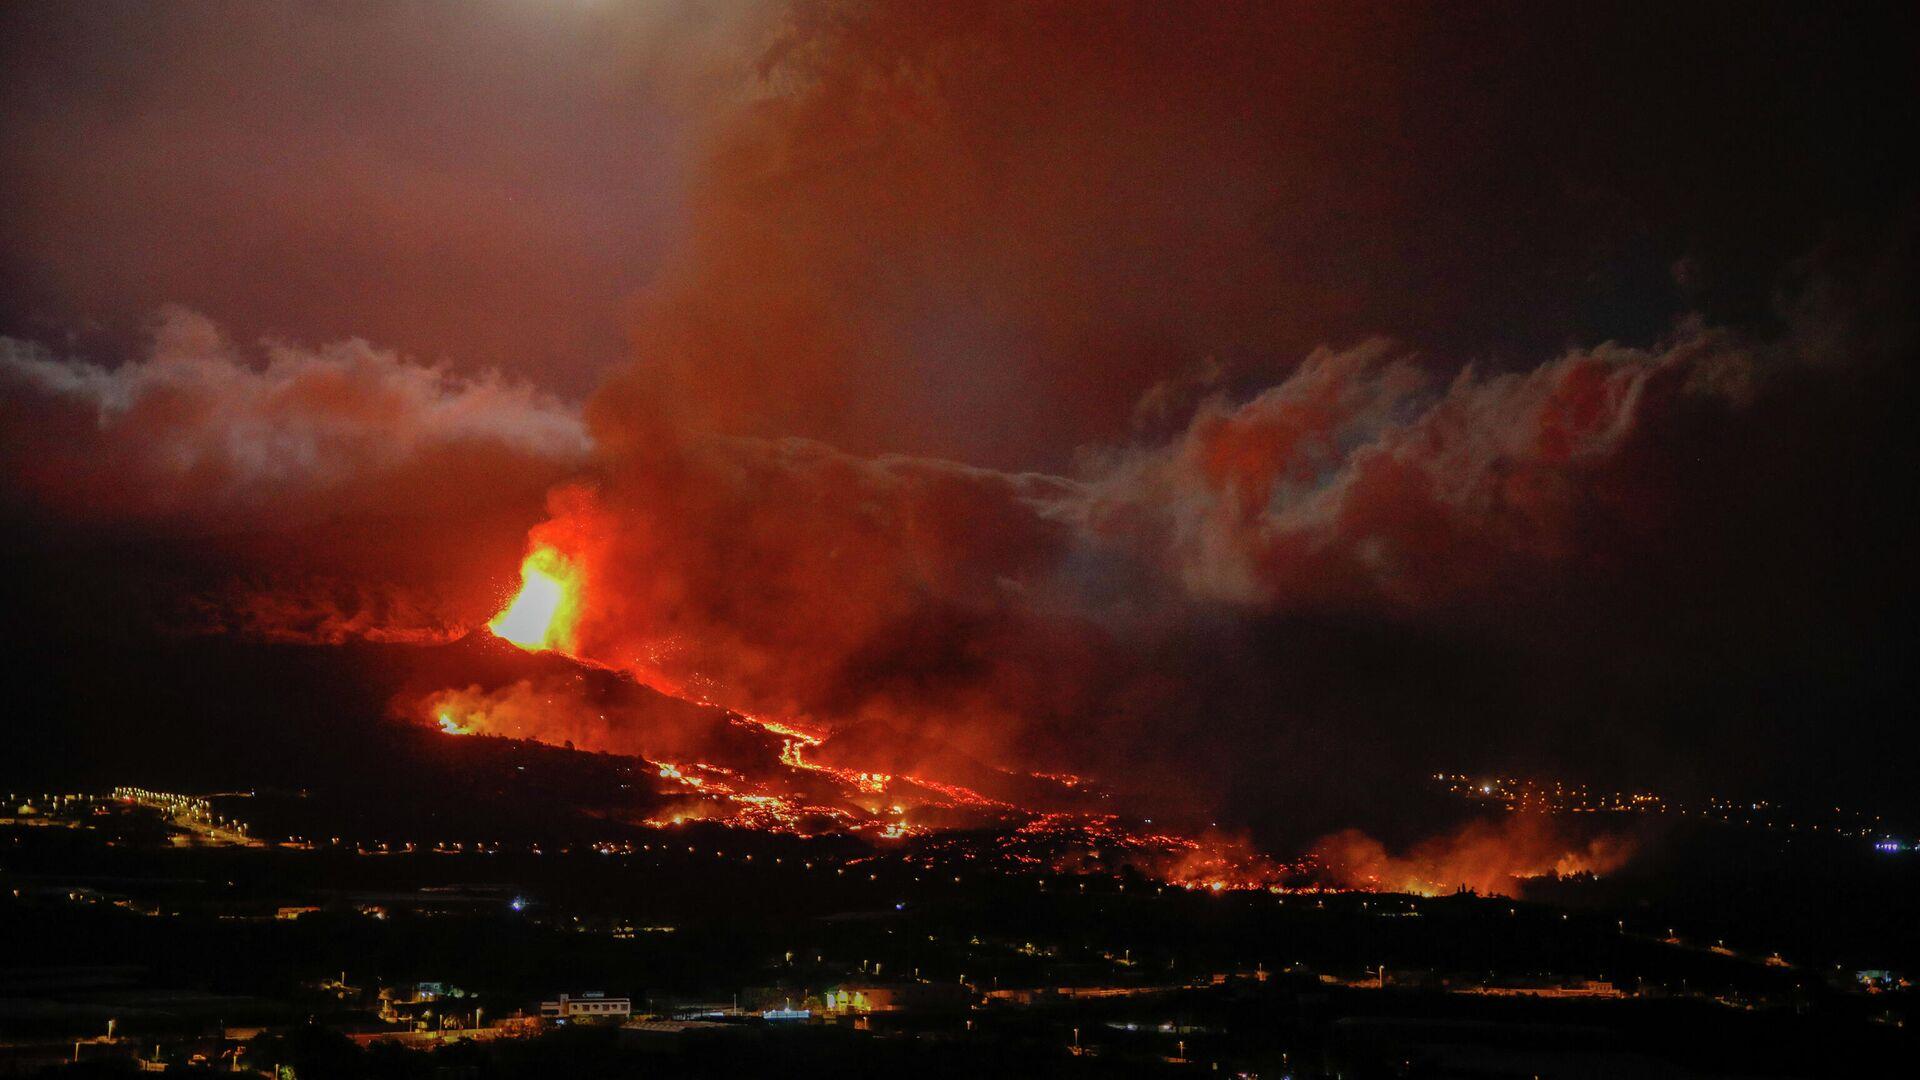 Una boca eruptiva expulsa lava y piroclastos en La Palma, Santa Cruz de Tenerife, Islas Canarias - Sputnik Mundo, 1920, 21.09.2021